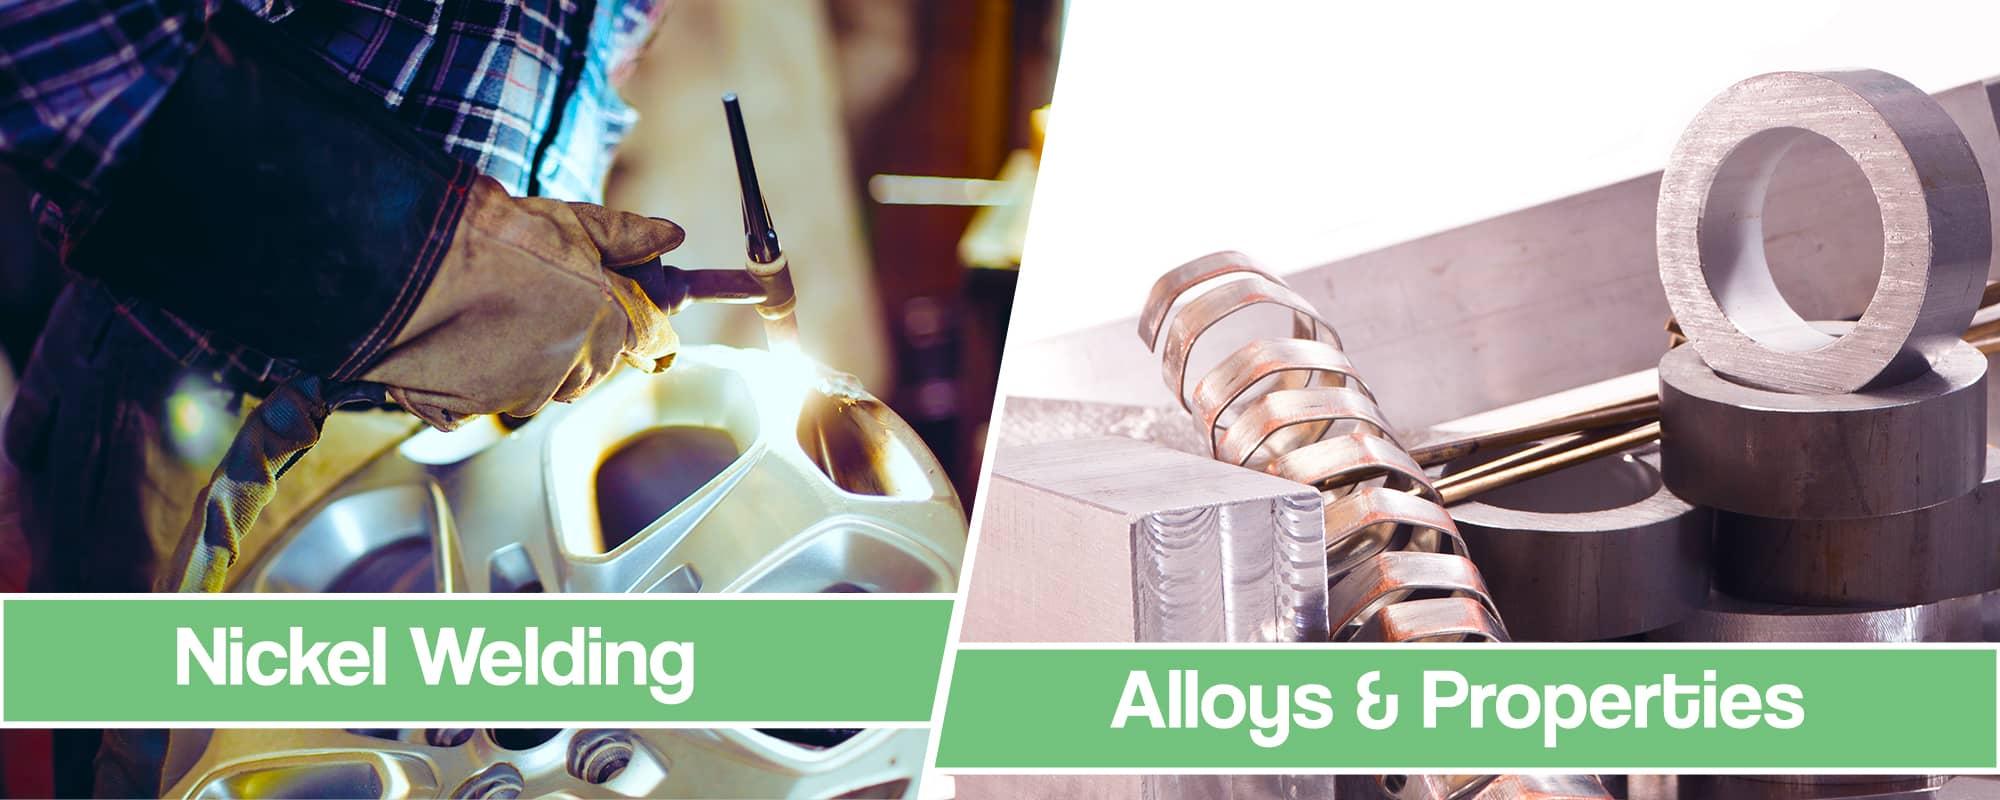 Nickel Welding feature image